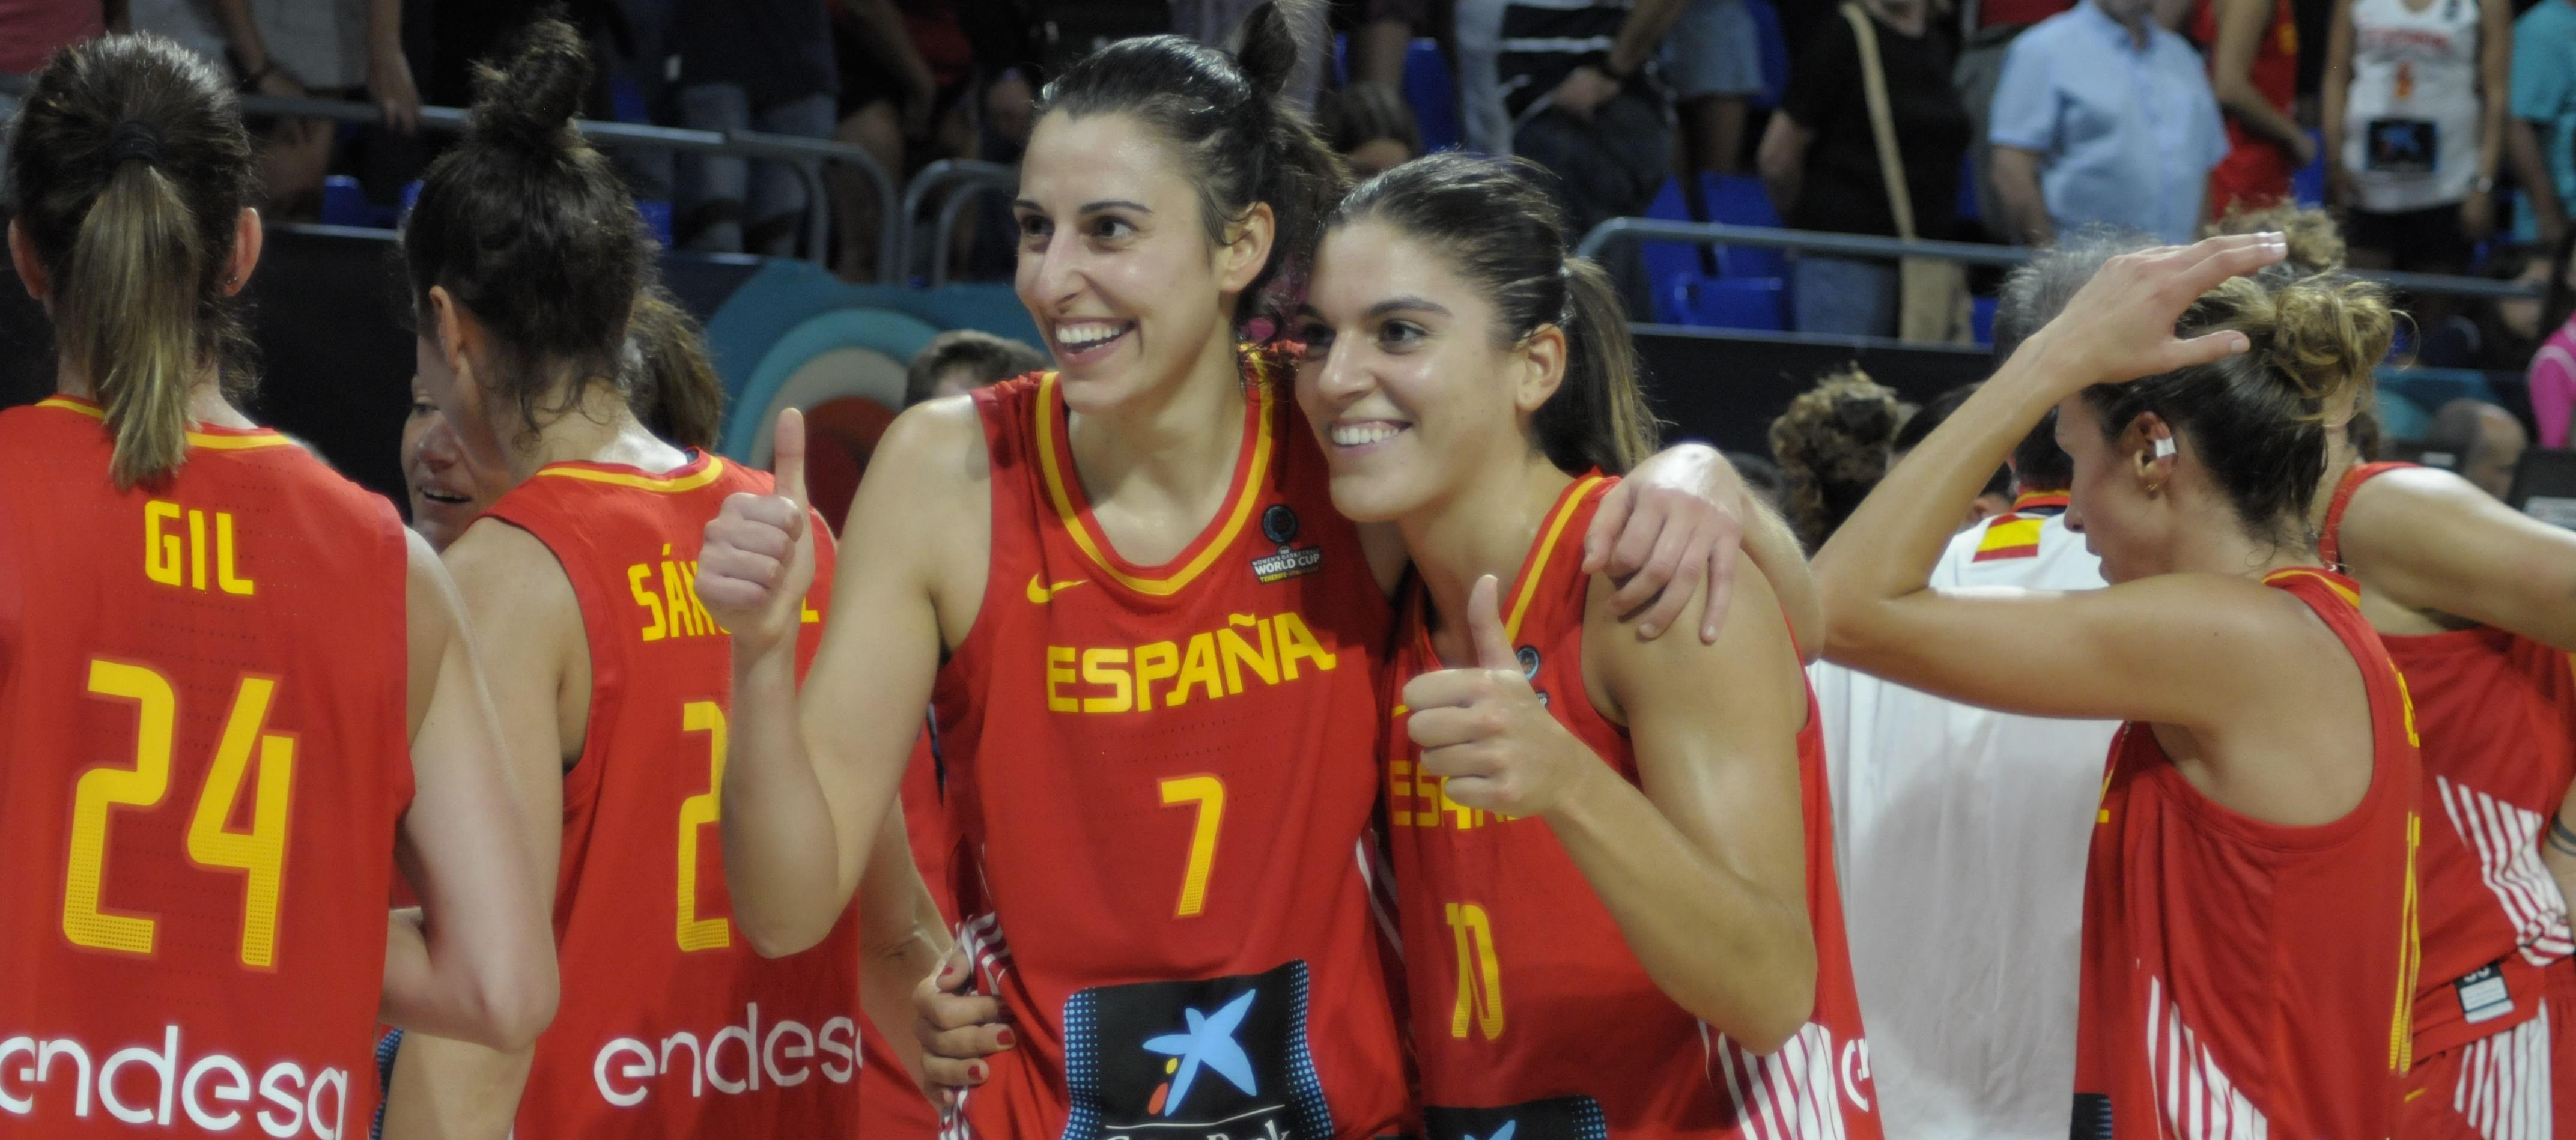 La afición espolea a España a superar a Canadá y meterse en semifinales del Mundial de Tenerife